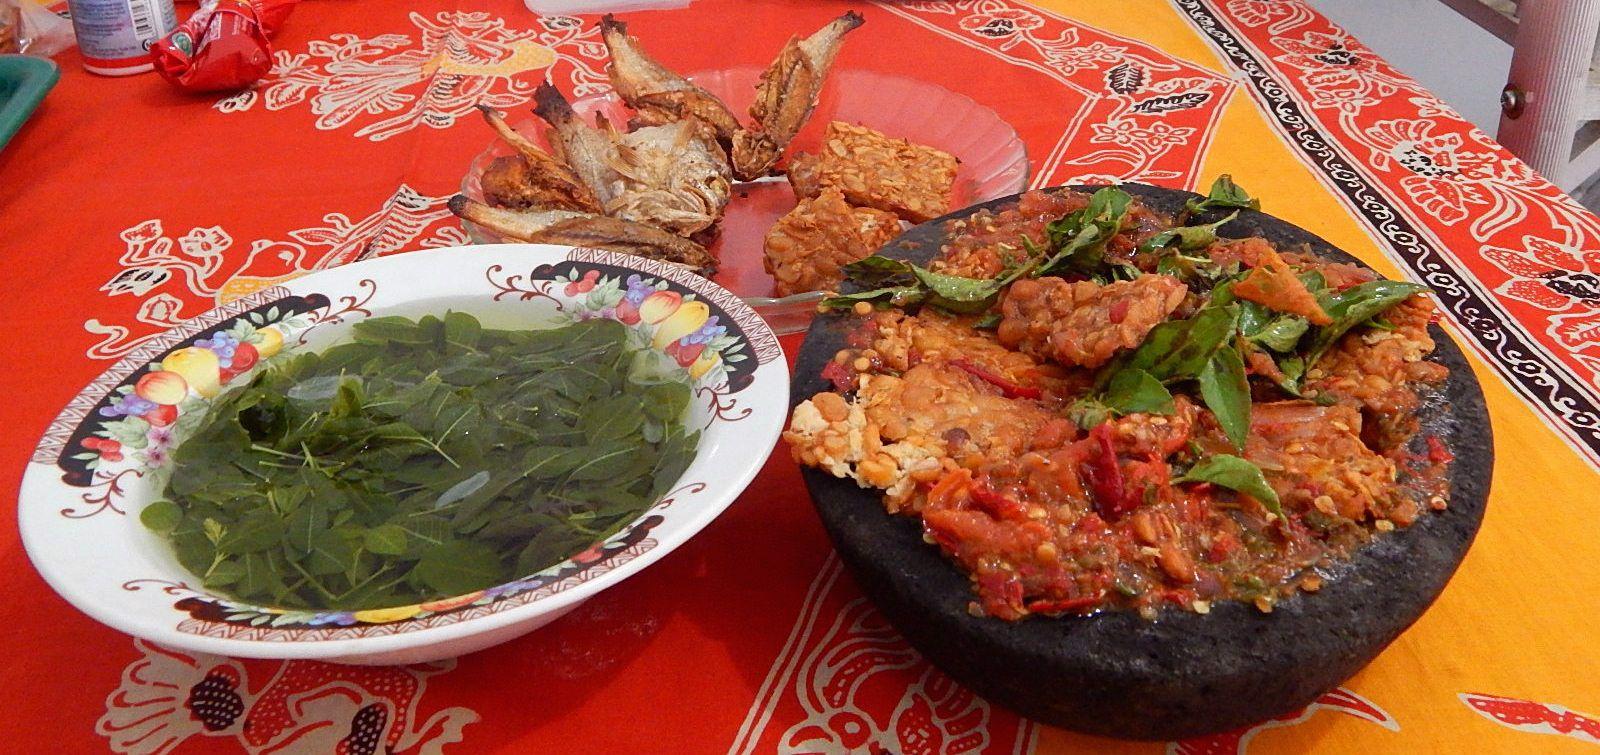 Tempe Penyet Sayur Kelor Makanan Kelor